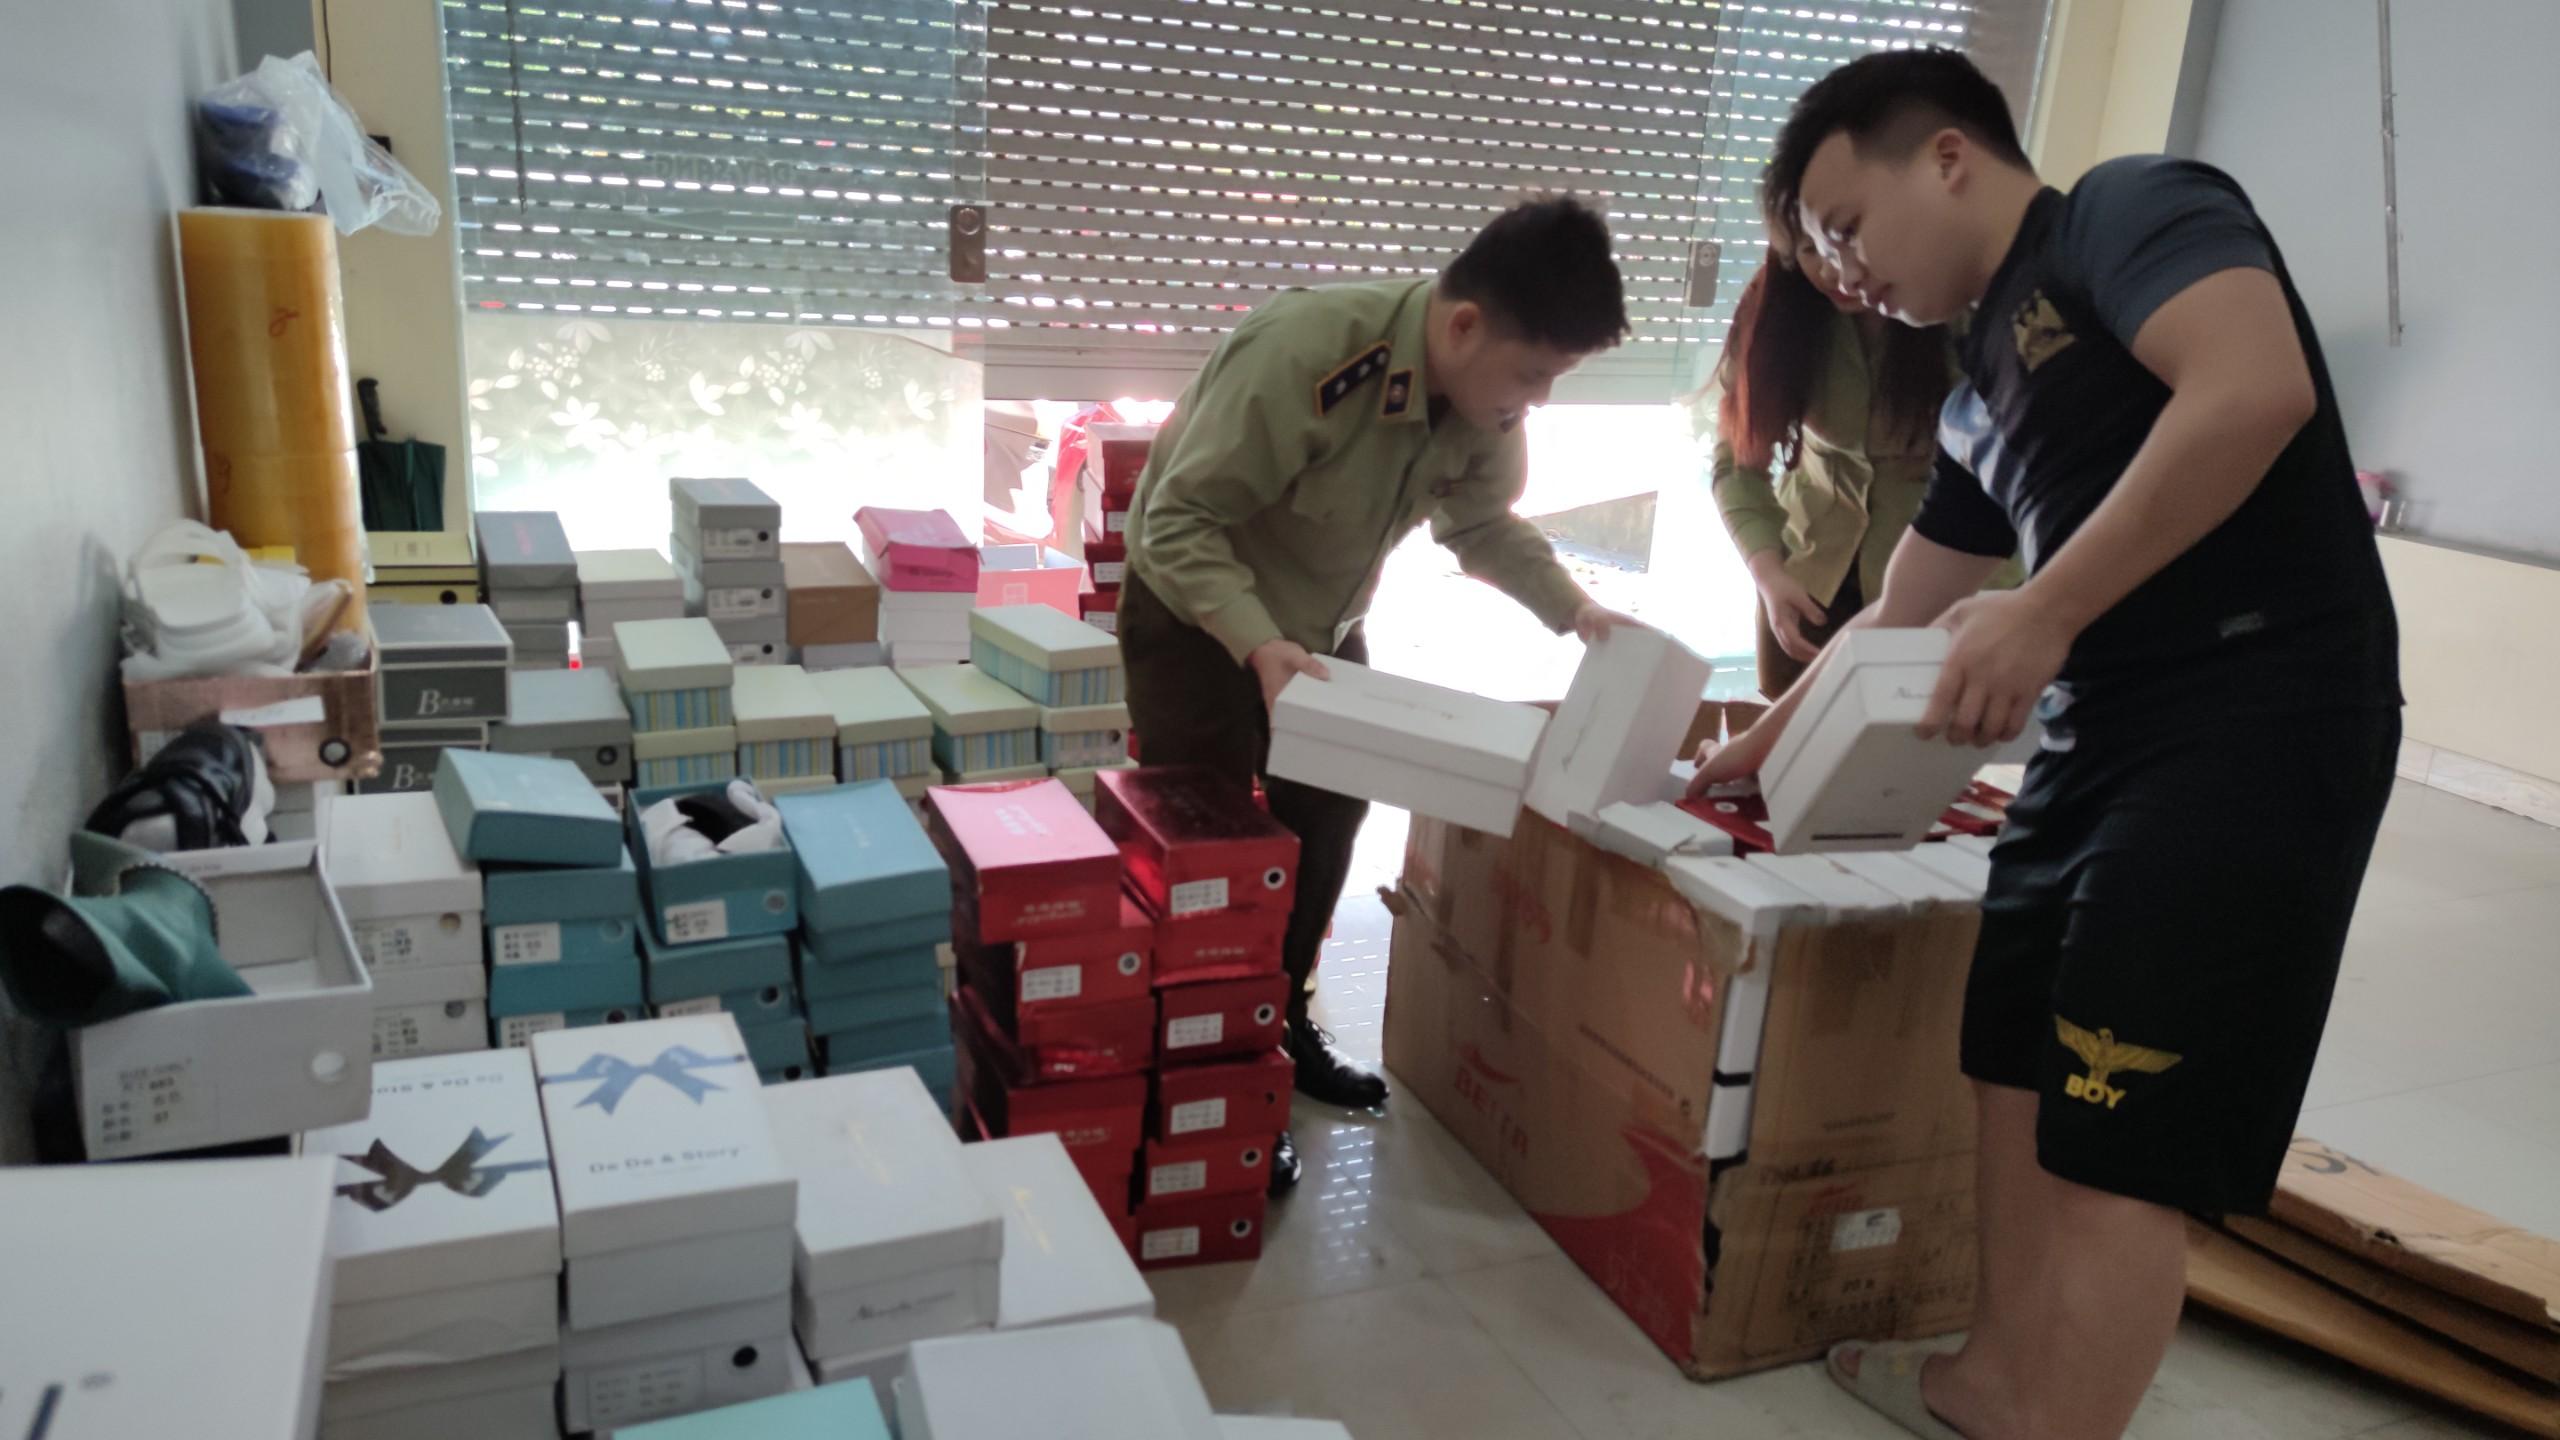 Đội QLTT số 1, Cục QLTT Lào Cai xử phạt 5 triệu đồng và tịch thu hơn 300 đôi giày nữ nhập lậu